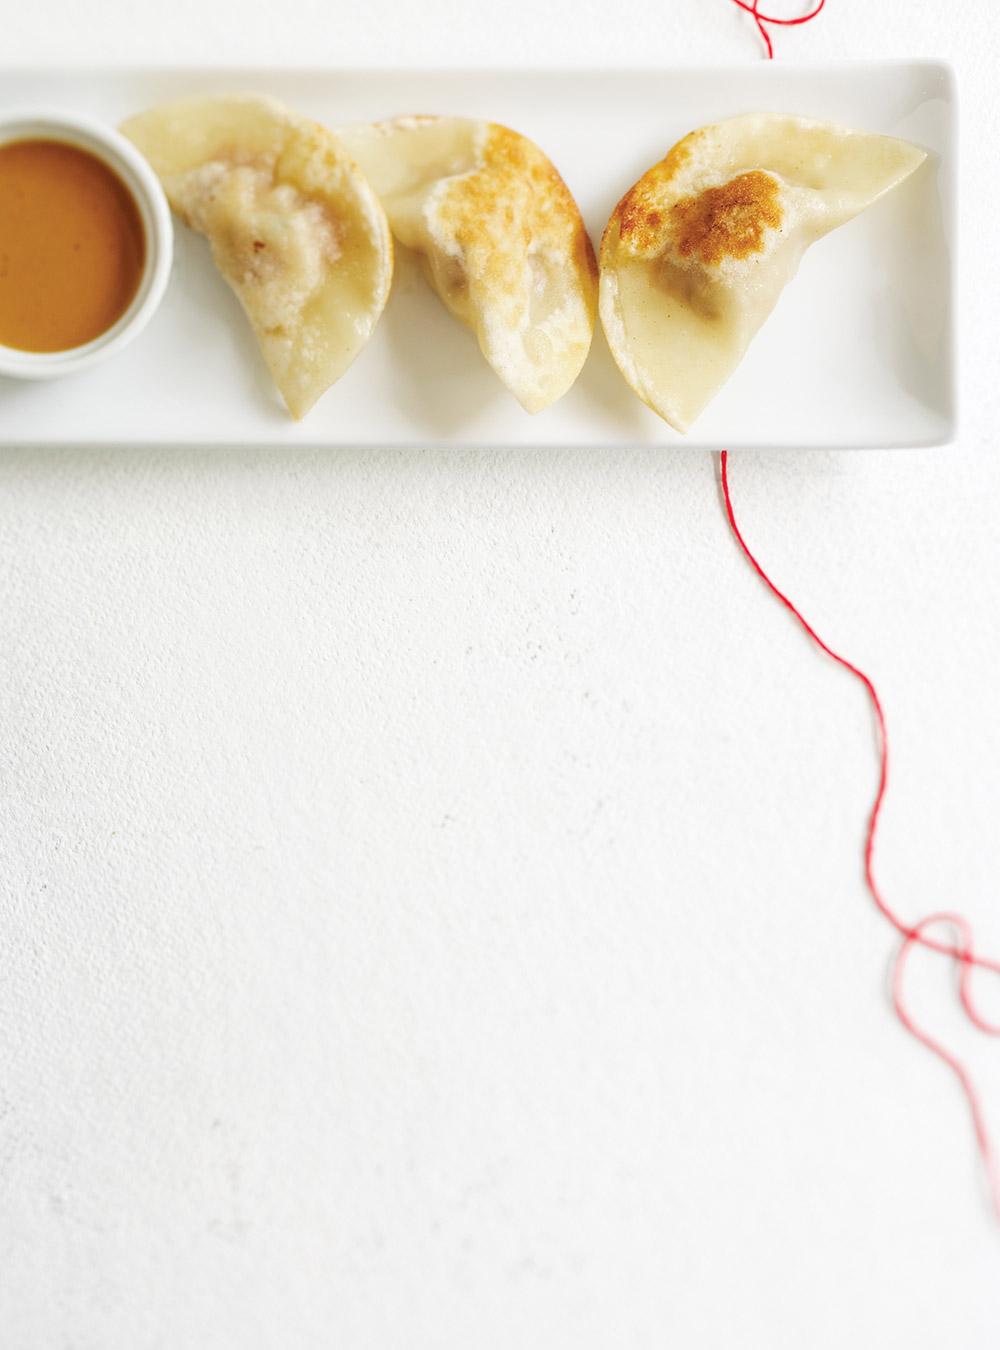 Dumplings de porc et sauce aux arachides | ricardo